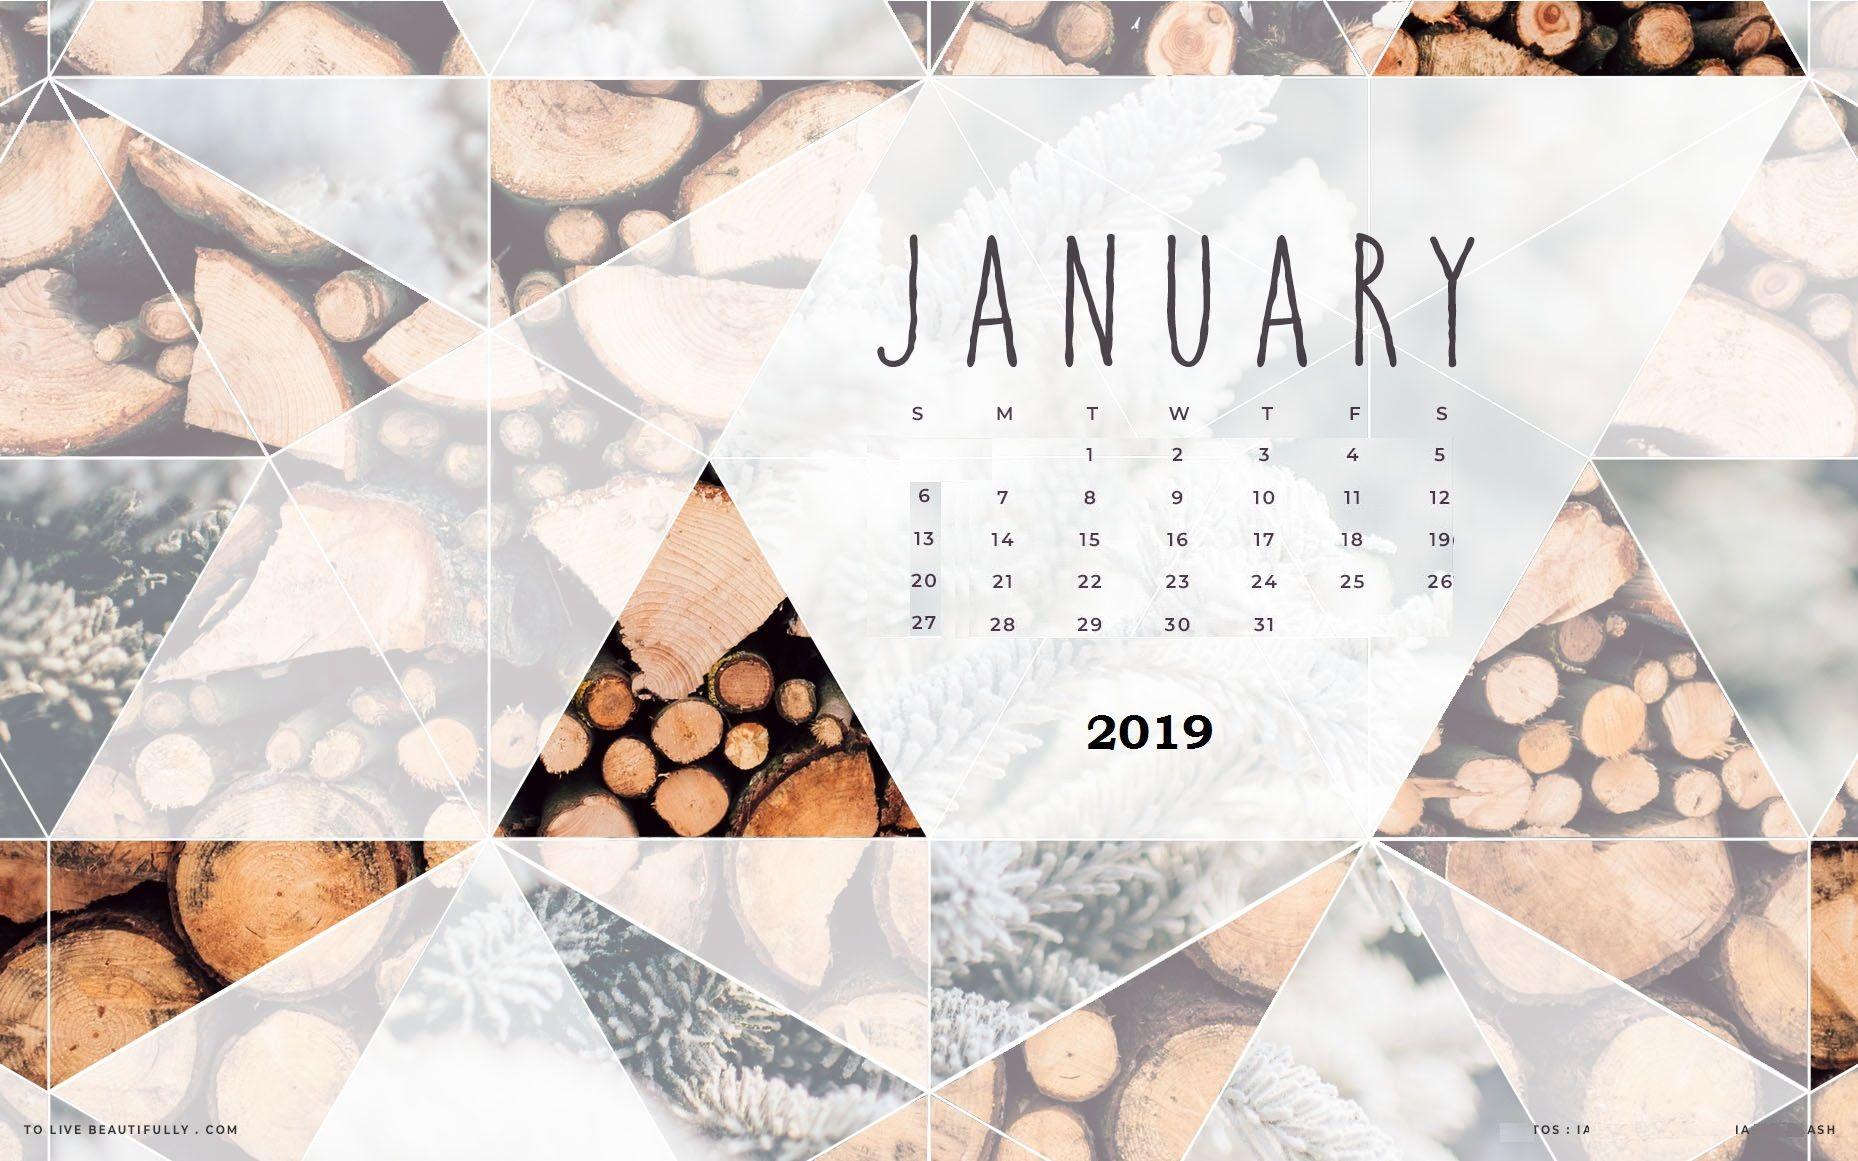 Jan 2019 HD Wallpaper with Calendar  desktop wallpaper in 2018  Pinterest  Calendar wallpaper